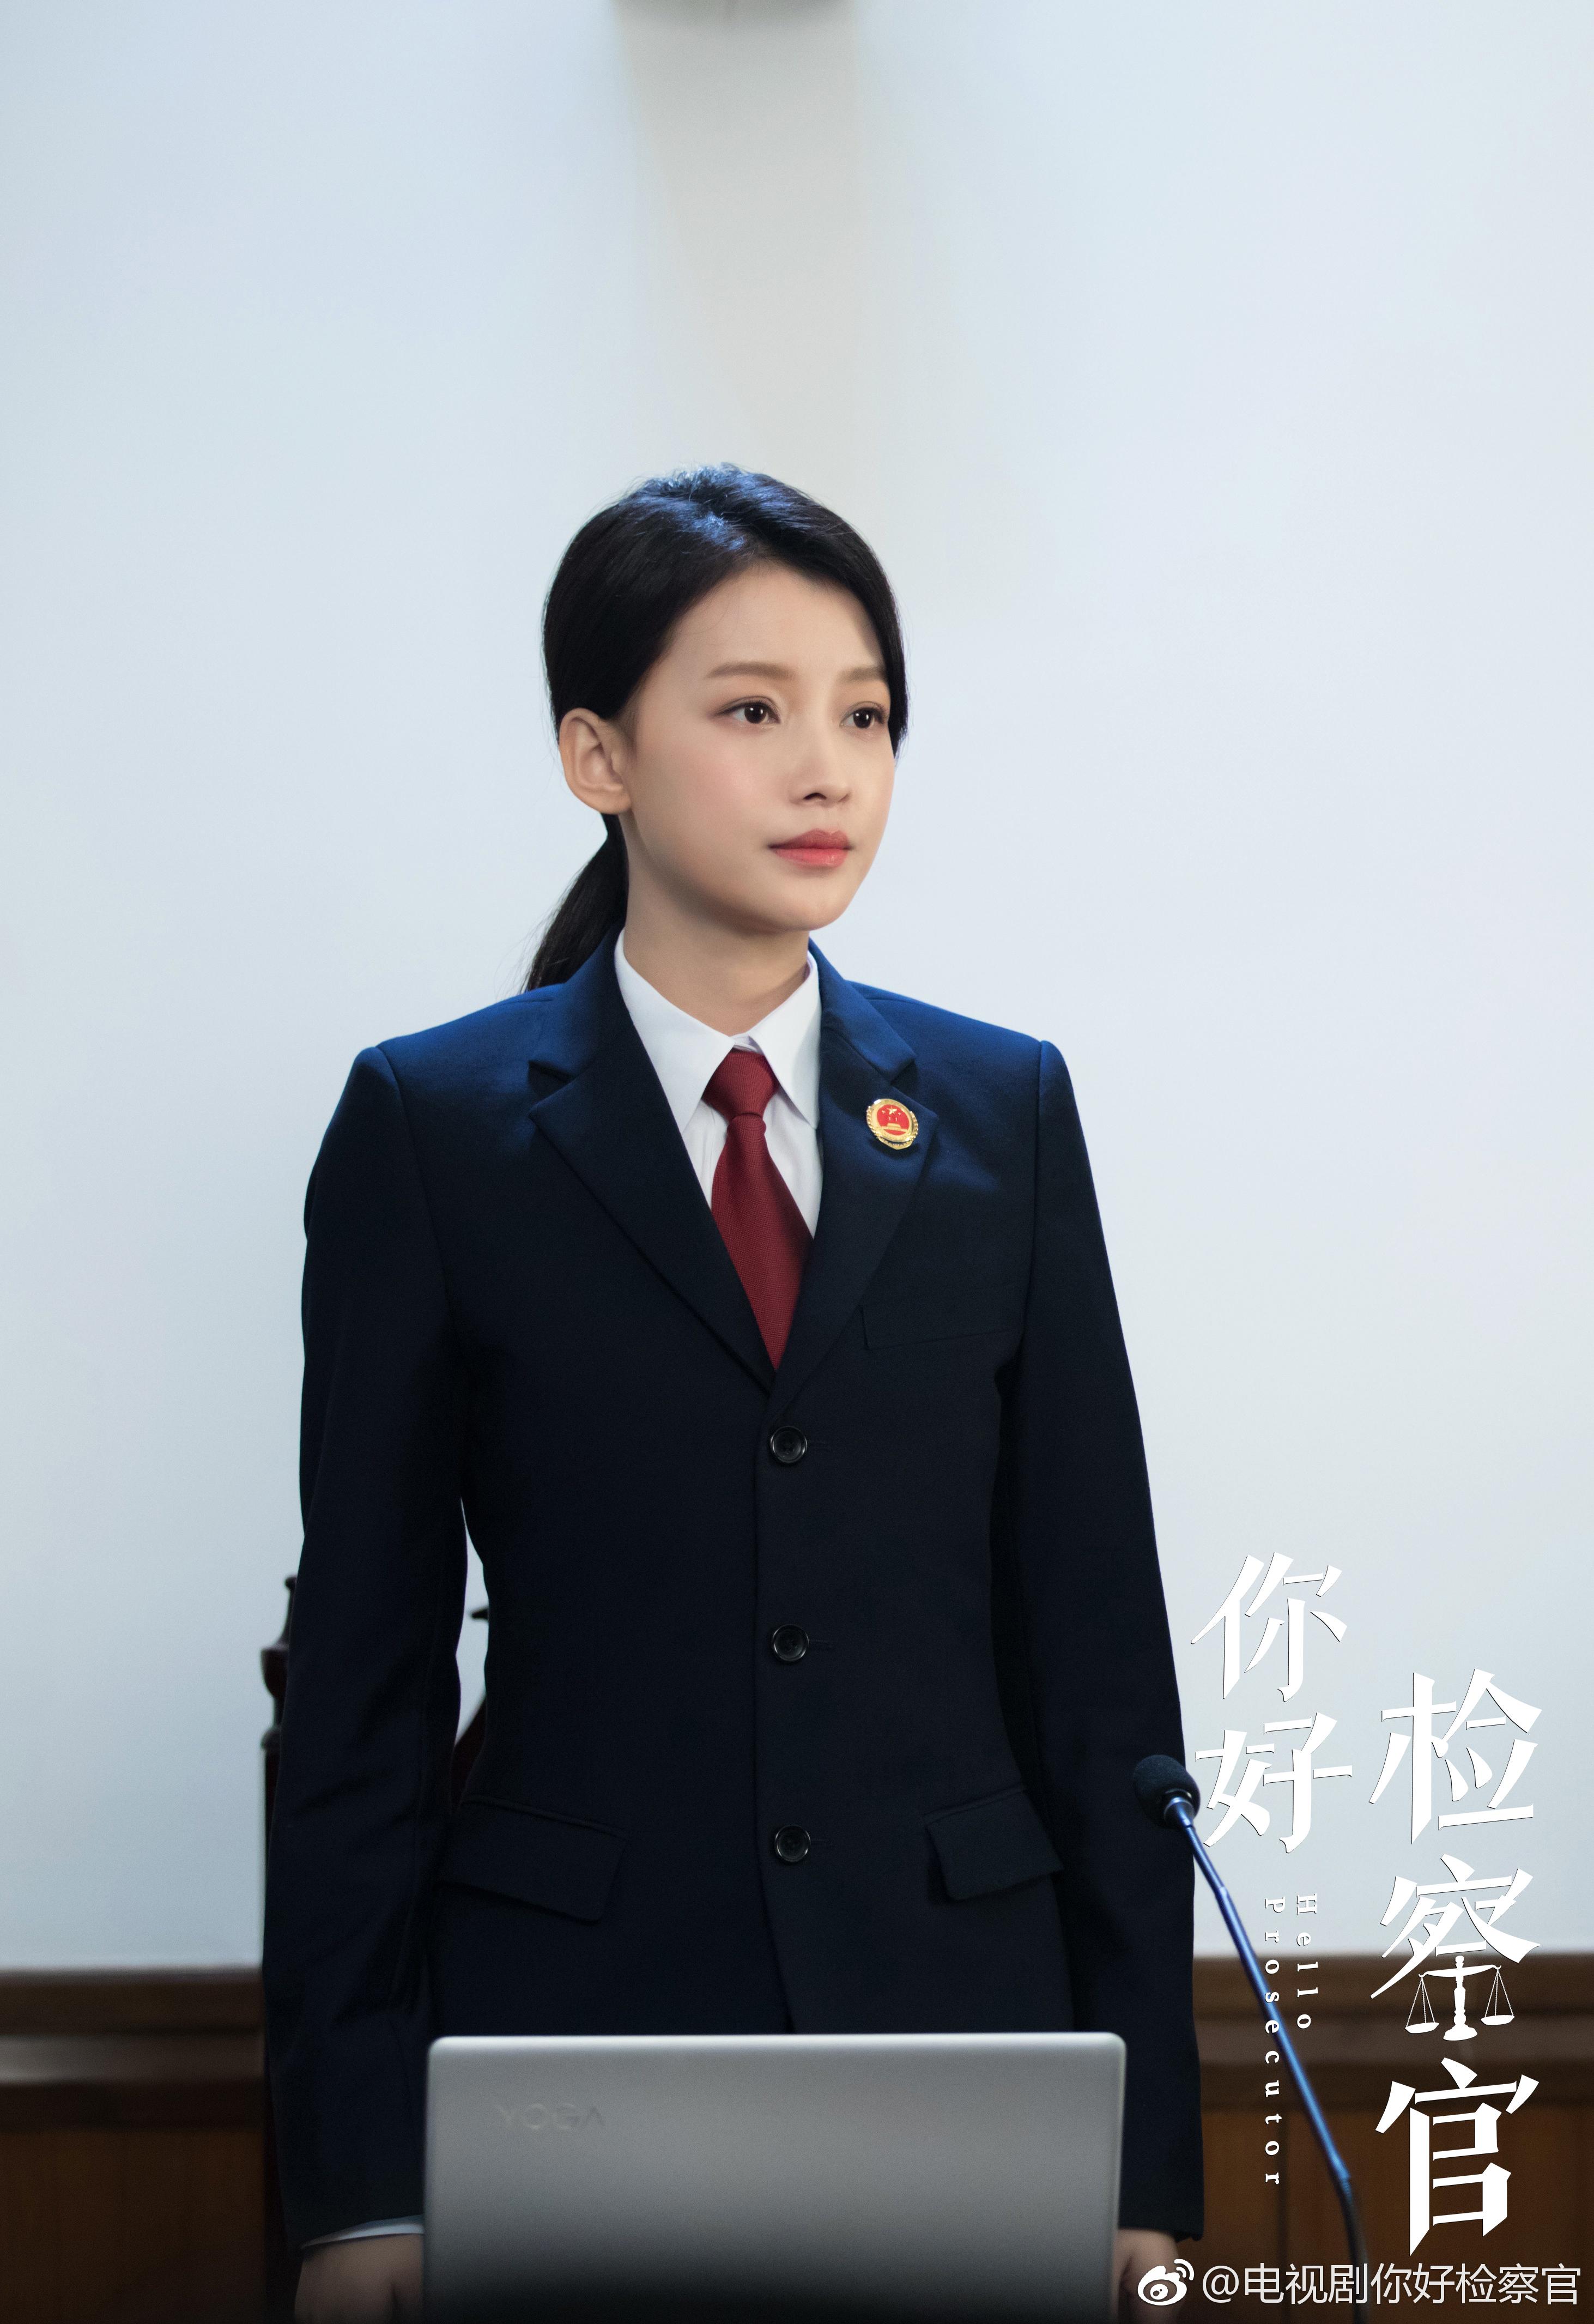 """""""سون يي"""" و """"جانغ هاو وي"""" هما ابطال الدراما الصينية الرومانسية الاميرة المدعية العامة"""